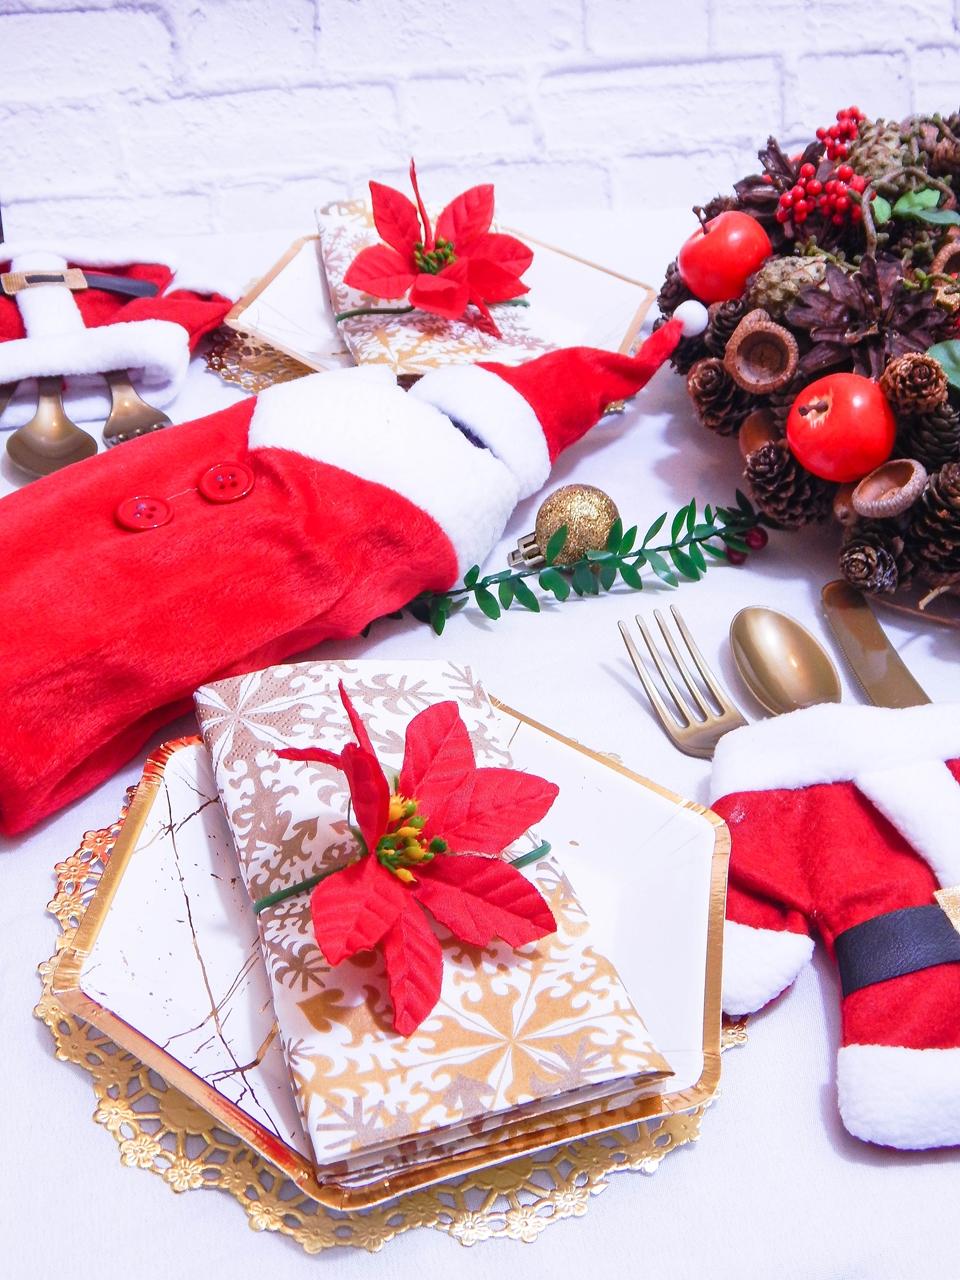 3 dekoracja świątecznego stołu jak udekorować stół na boże narodzenie dekoracja kolacja wigilijna dekoracja stroik na stół wigilijny wianek świeczka mikołajowe ubrania na butelki mikołaje na sztućce